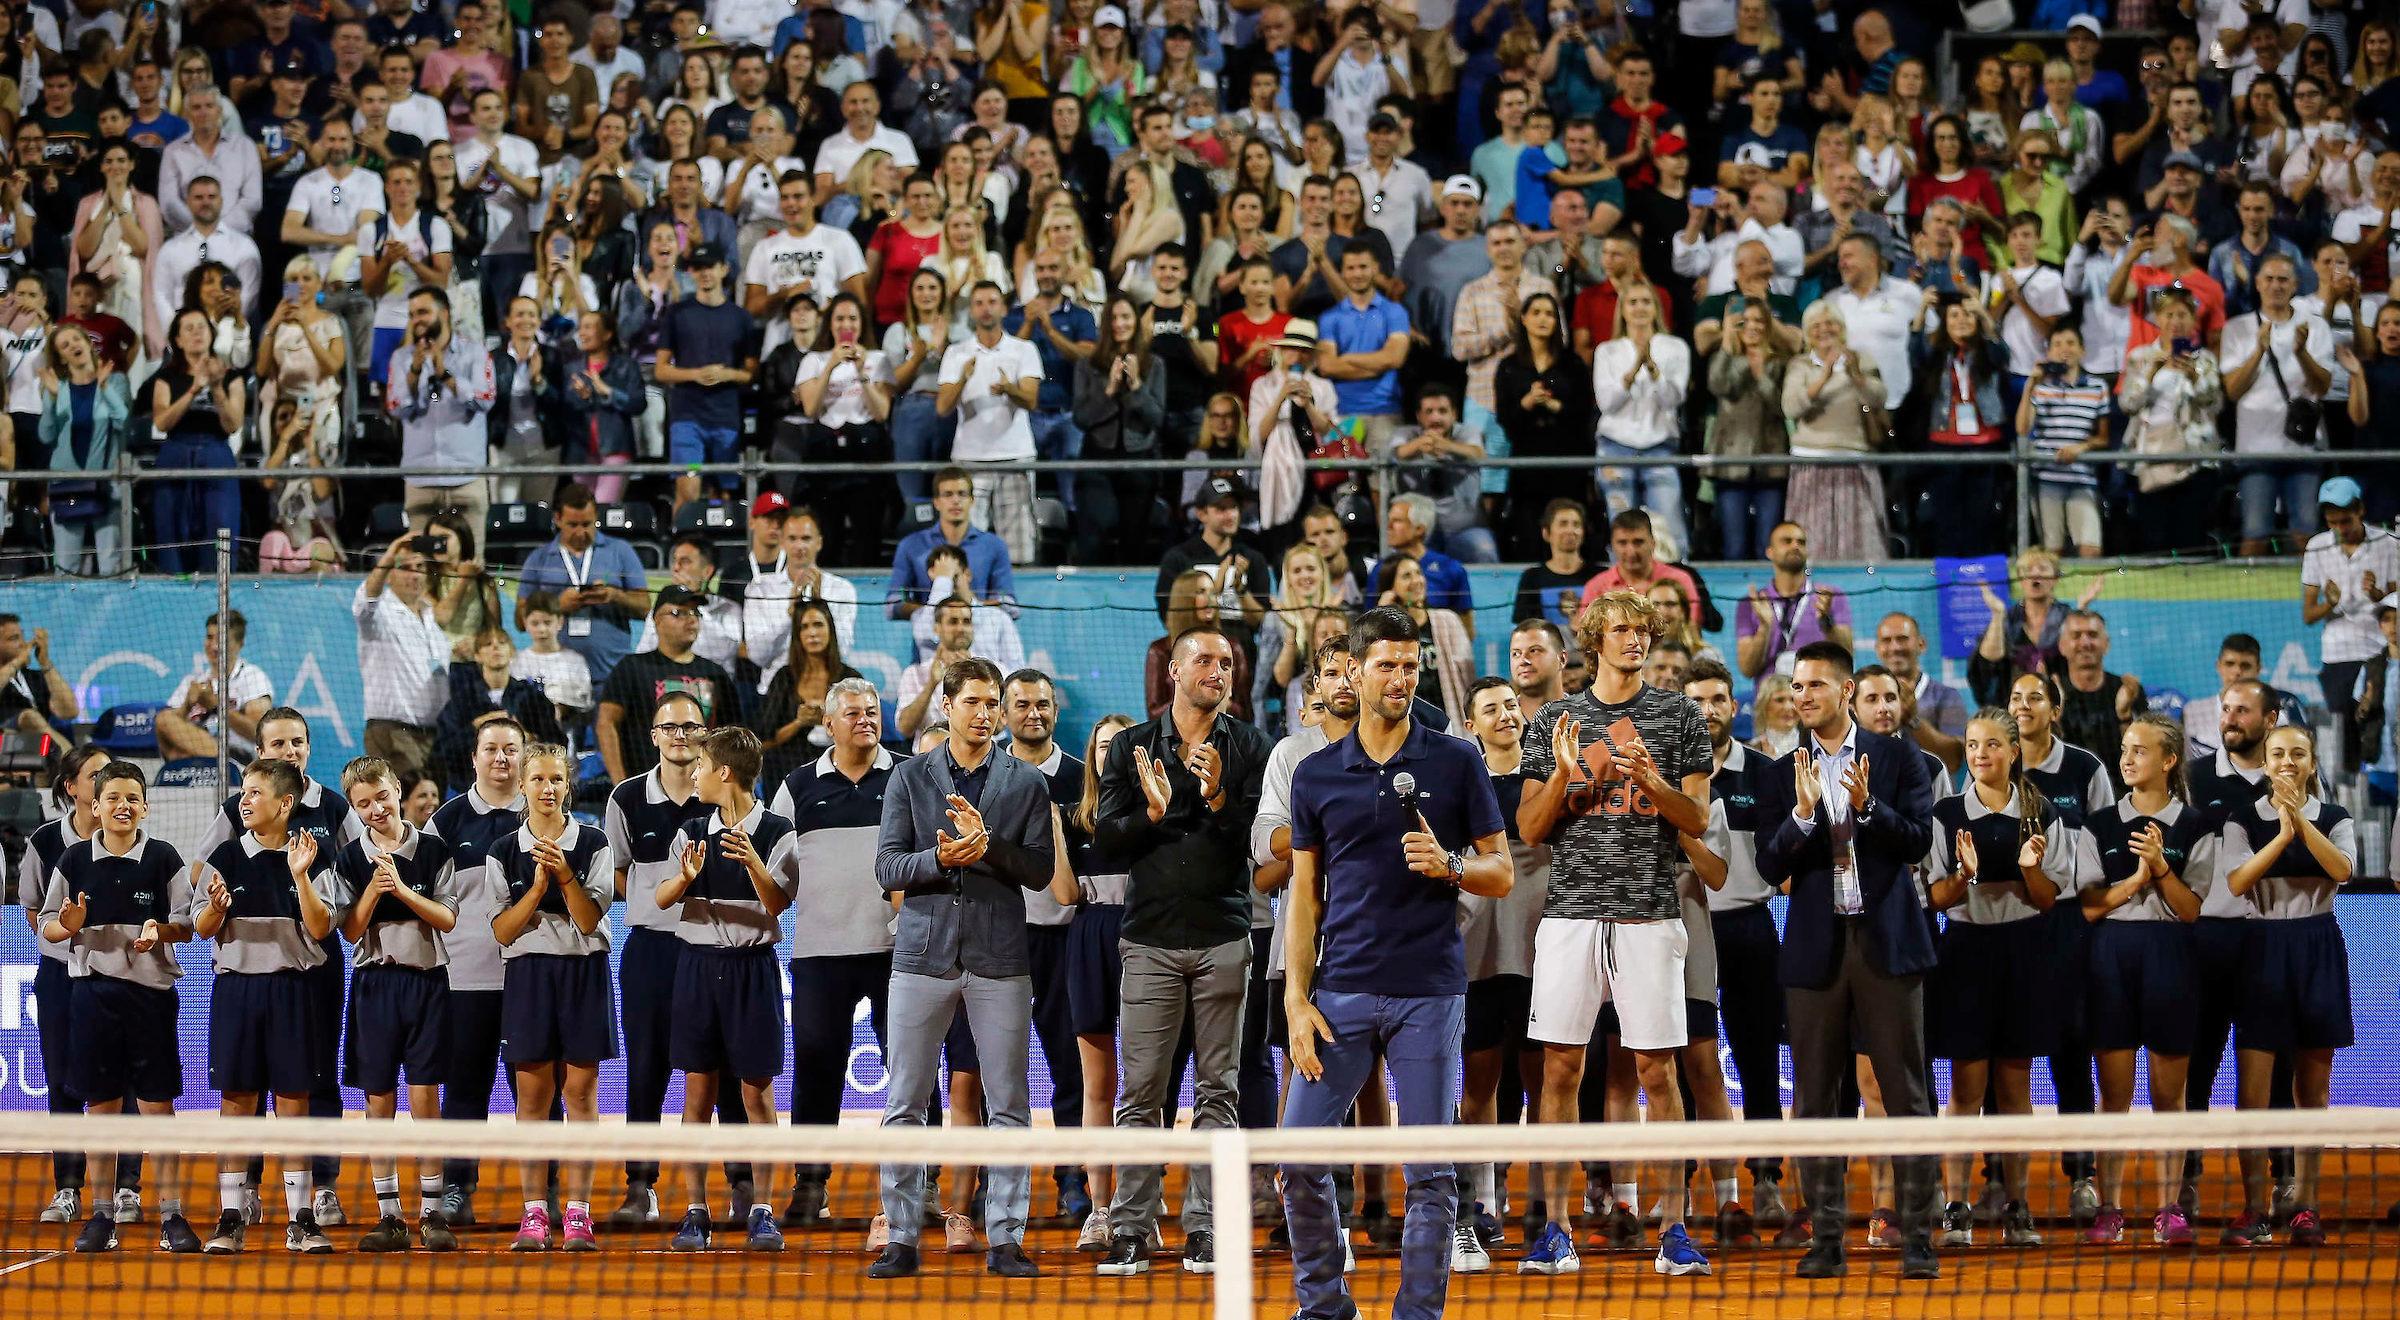 Novak Djokovic przemawiający podczas ceremonii finałowej (fot. Adria Tour)